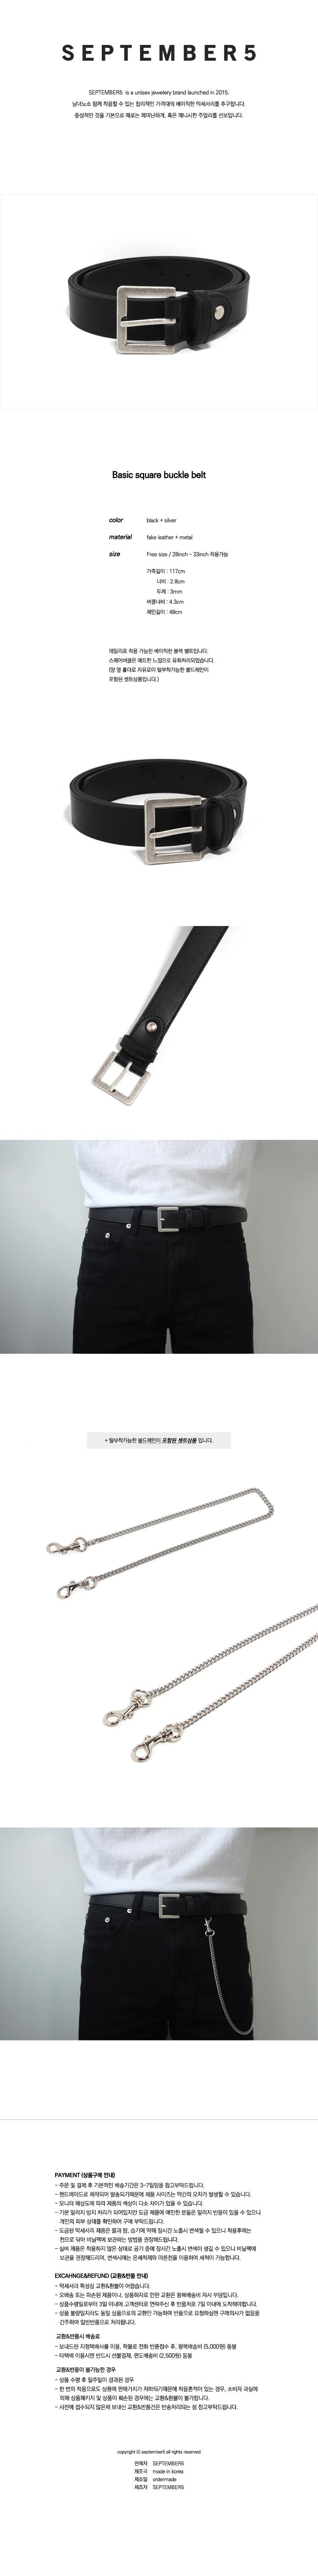 셉텐벌5(SEPTEMBER5) Basic square buckle belt